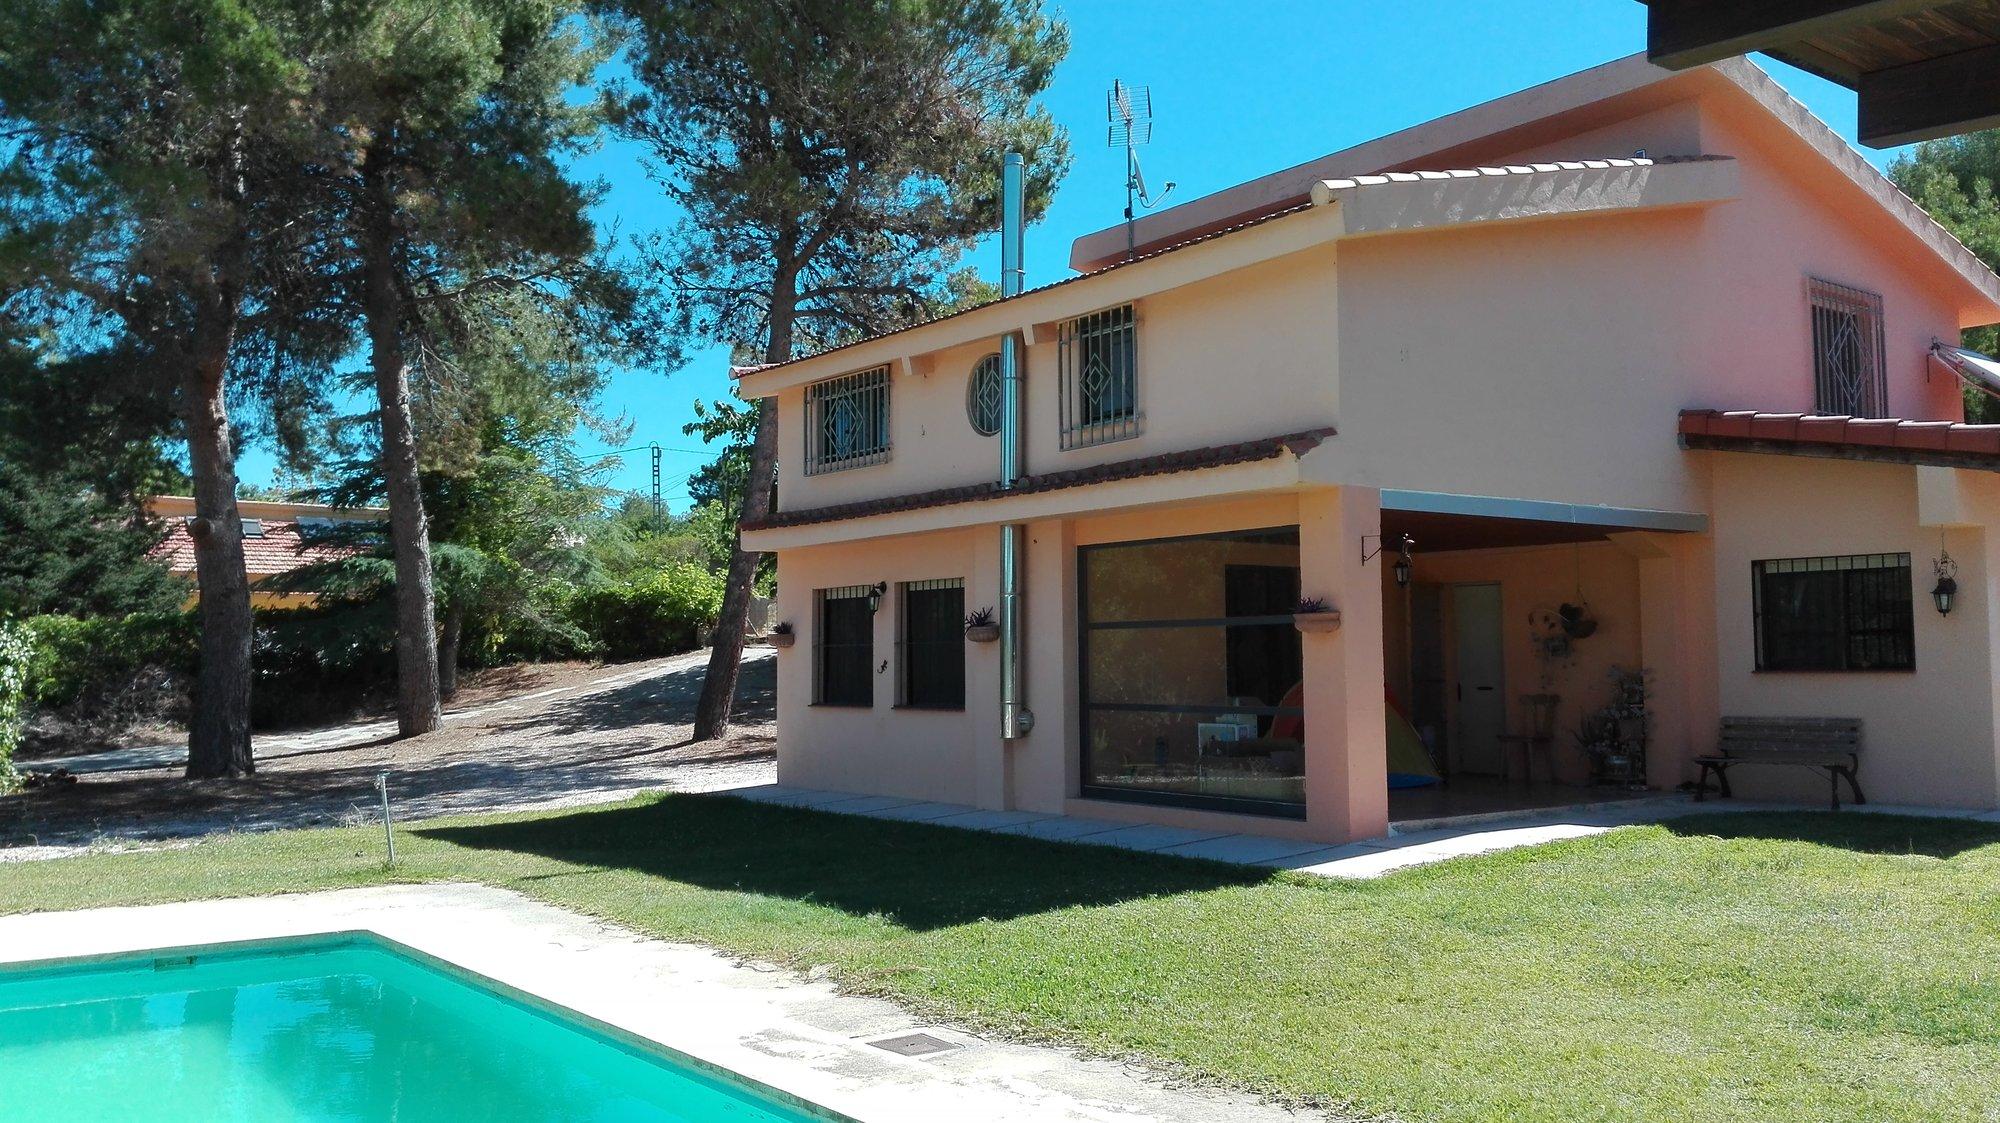 Ref:A15285 Villa For Sale in ALCOY